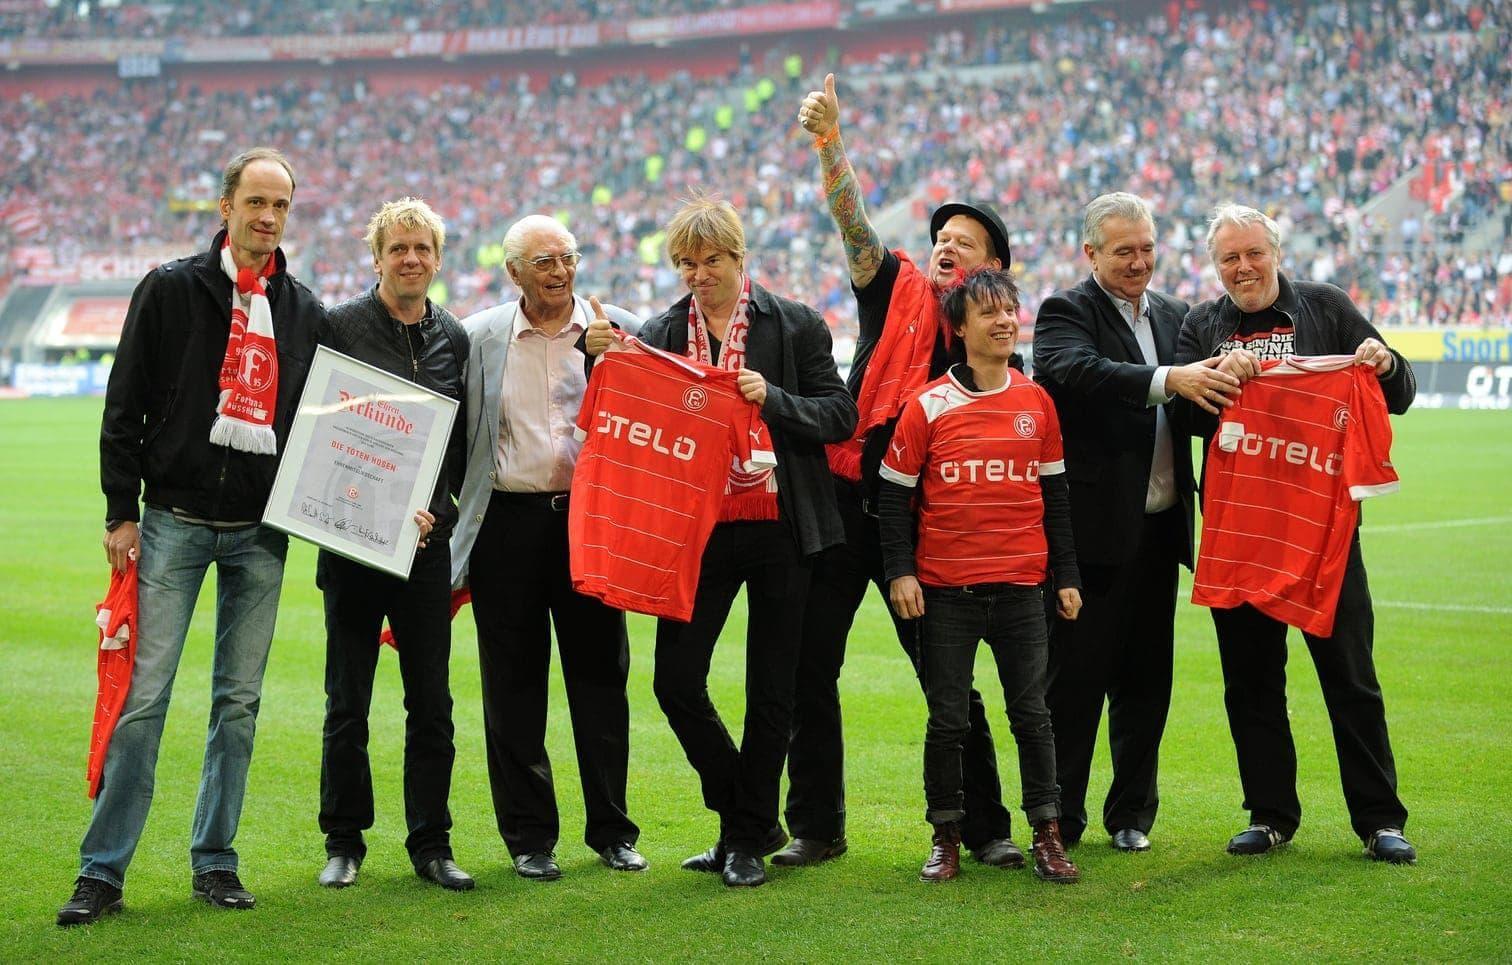 <p>Die Bundesliga zieht Woche für Woche Millionen von Fußball-Fans in ihren Bann. Doch wie steht es eigentlich um die Promis? Zu welchen deutschen Vereinen halten die Stars aus Musik